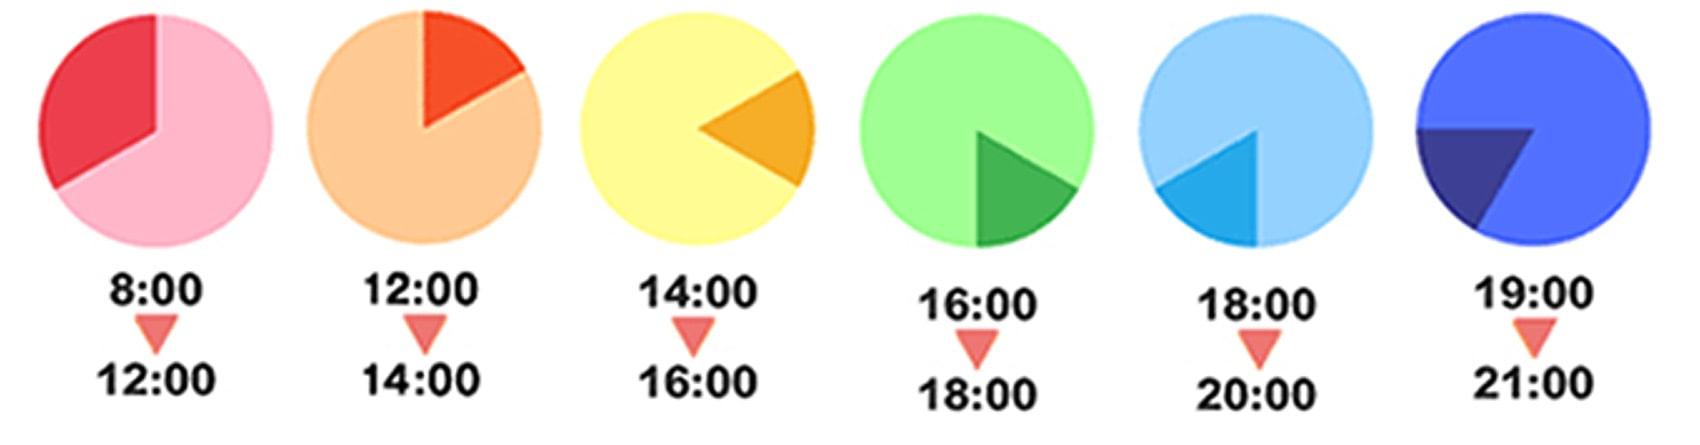 午前中(8時~12時)/12時~14時/14時~16時/16時~18時/18時~20時/19時~21時